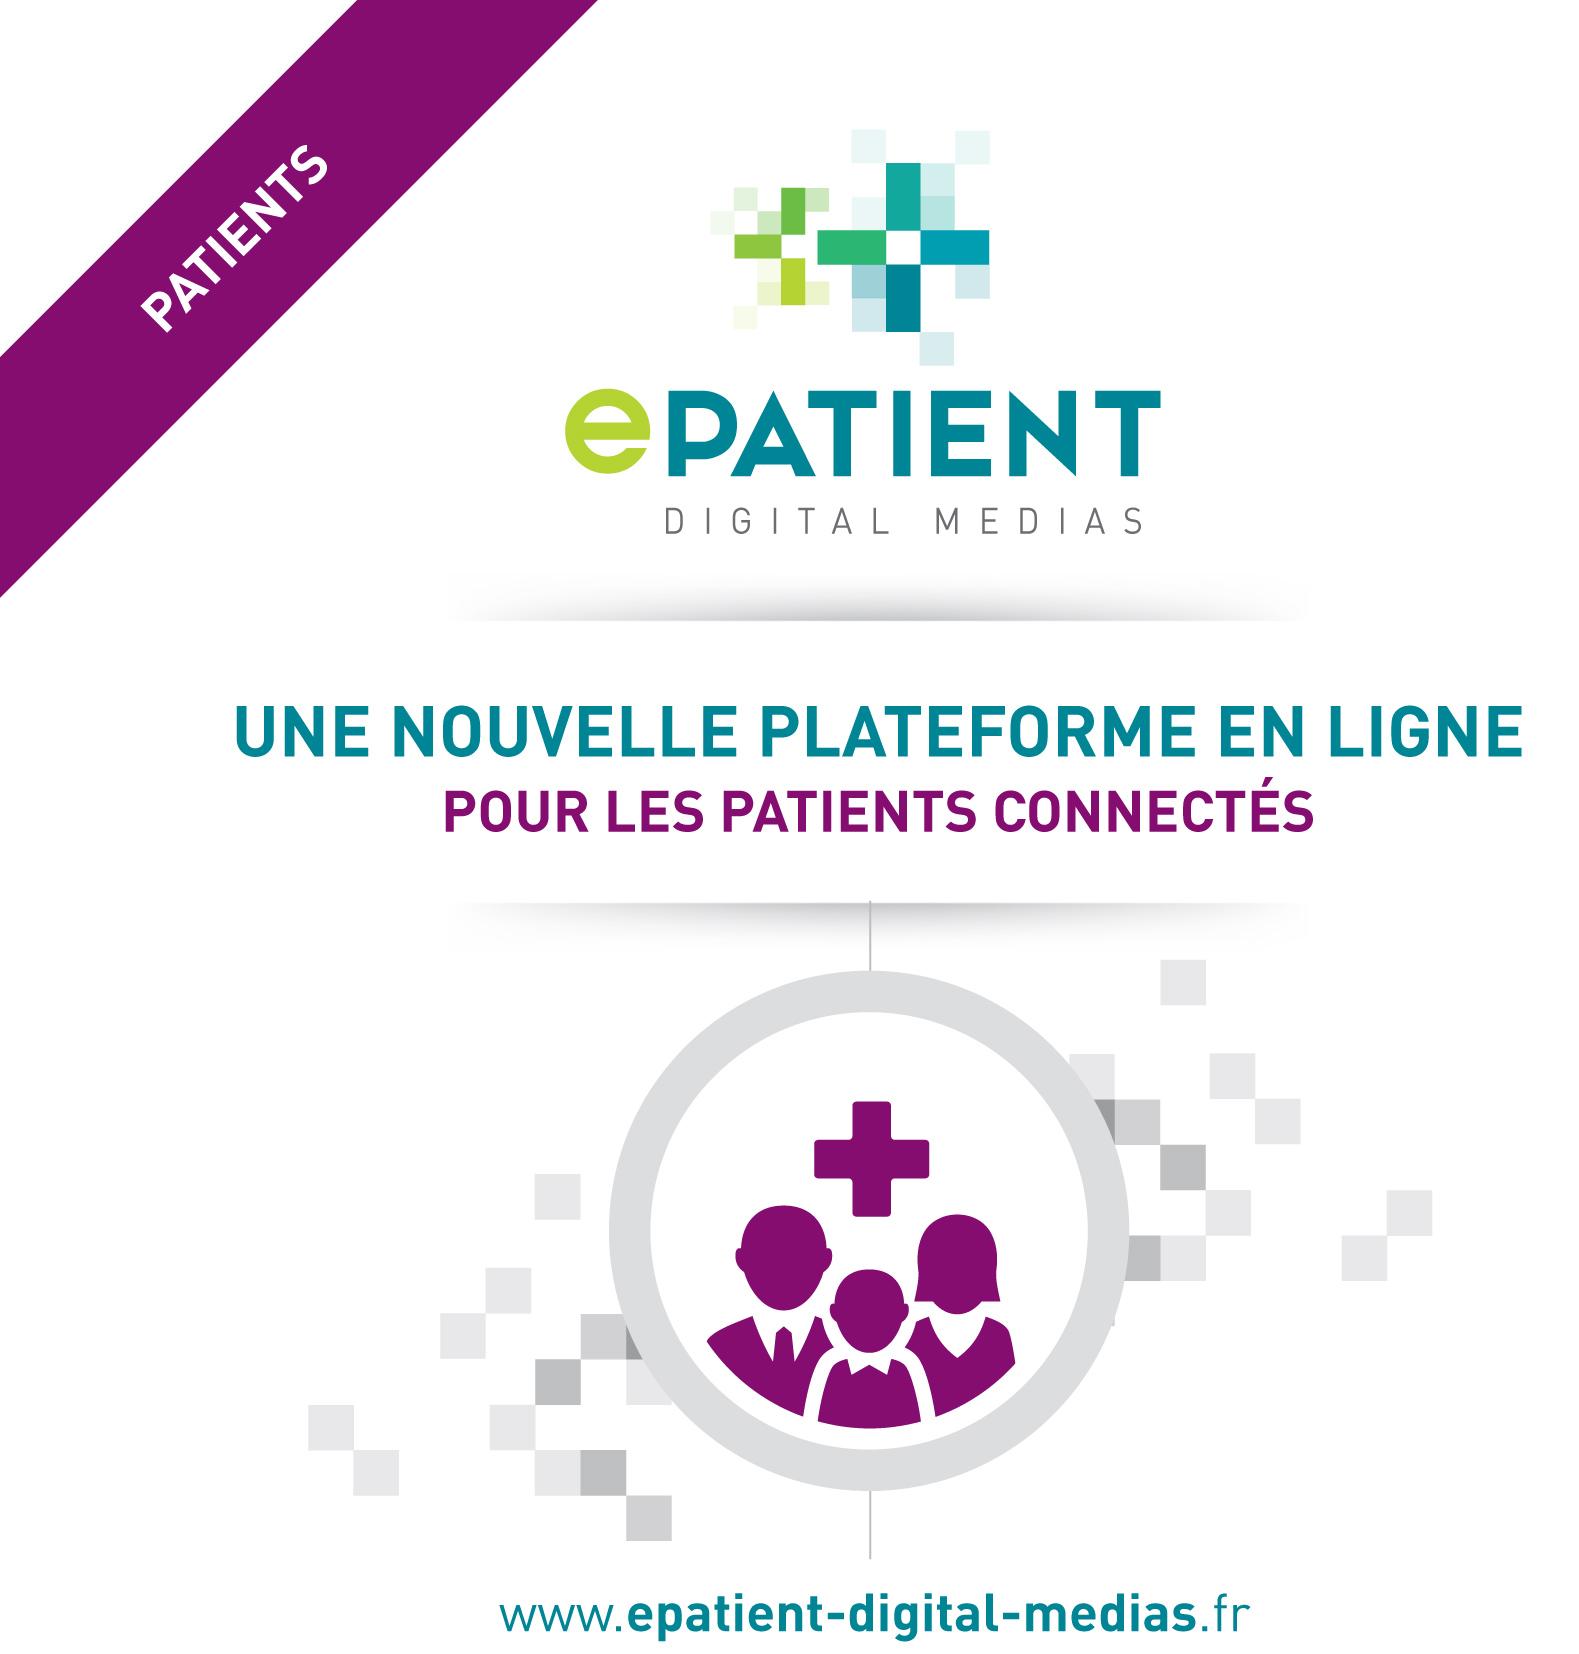 Réalisation Comevents - E-Patient Digital Médias - Plaquette de présentation